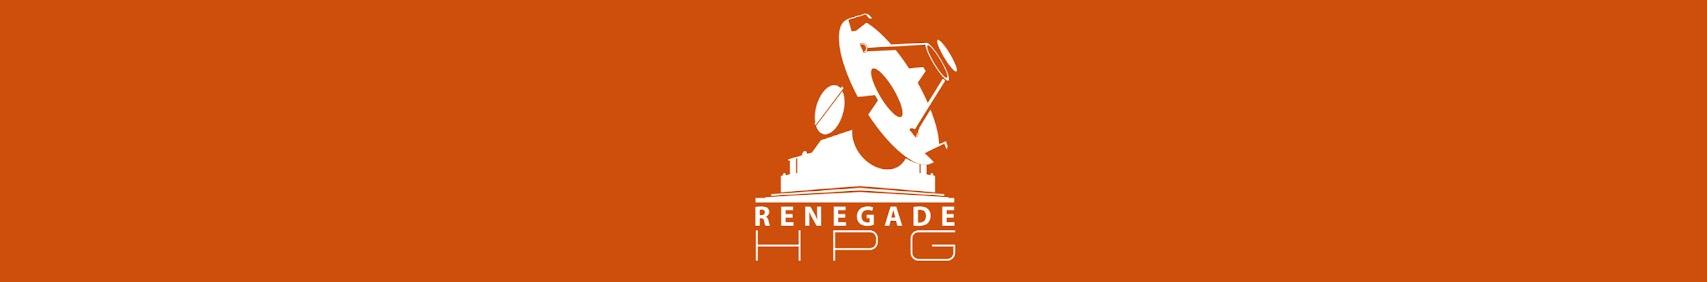 Interview mit den Machern von Hired Steel auf Renegade HPG